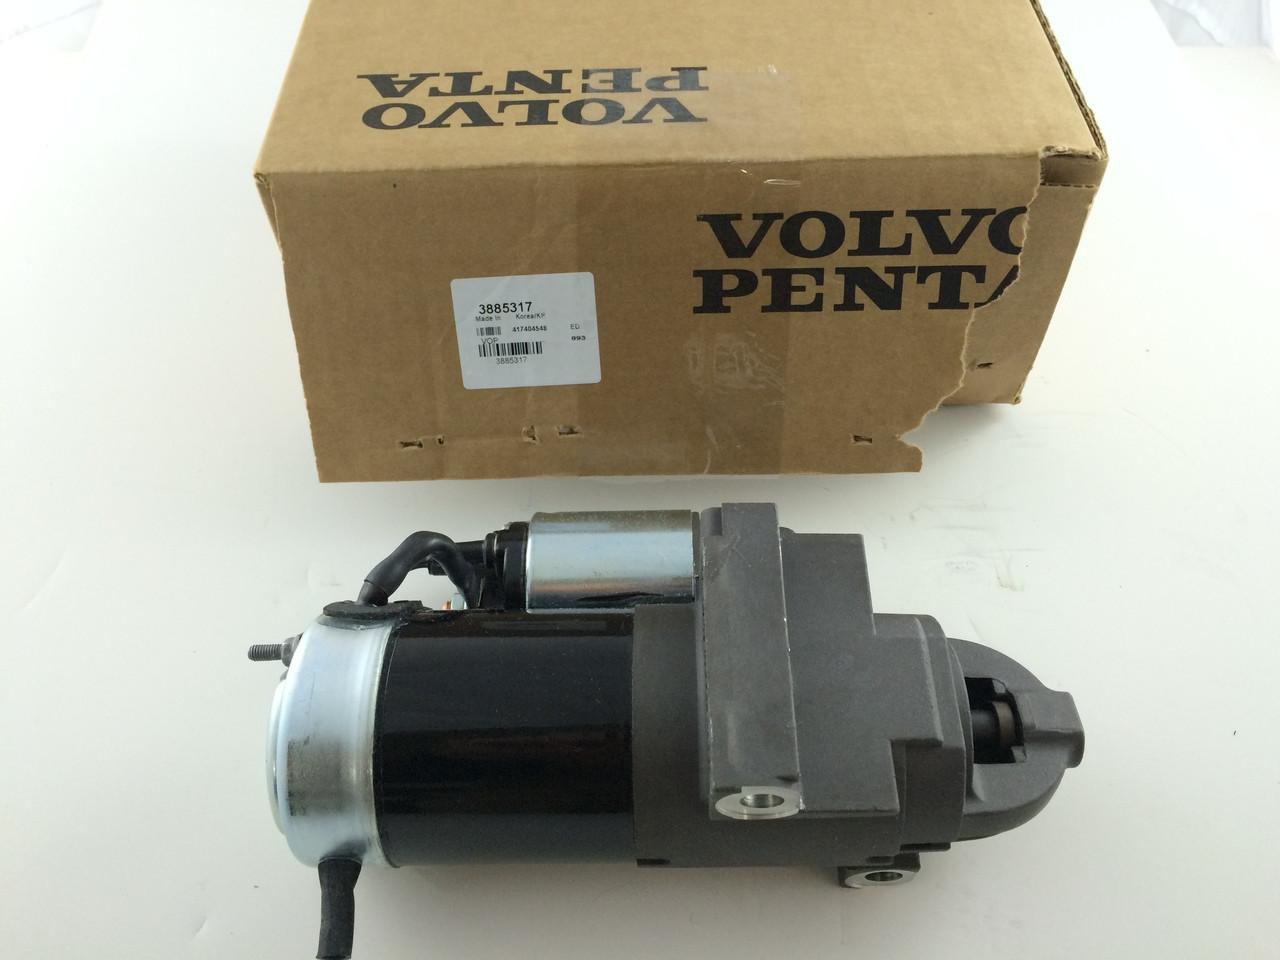 $264.95* GENUINE VOLVO STARTER MOTOR- 3885317 ** IN STOCK & READY TO SHIP! **